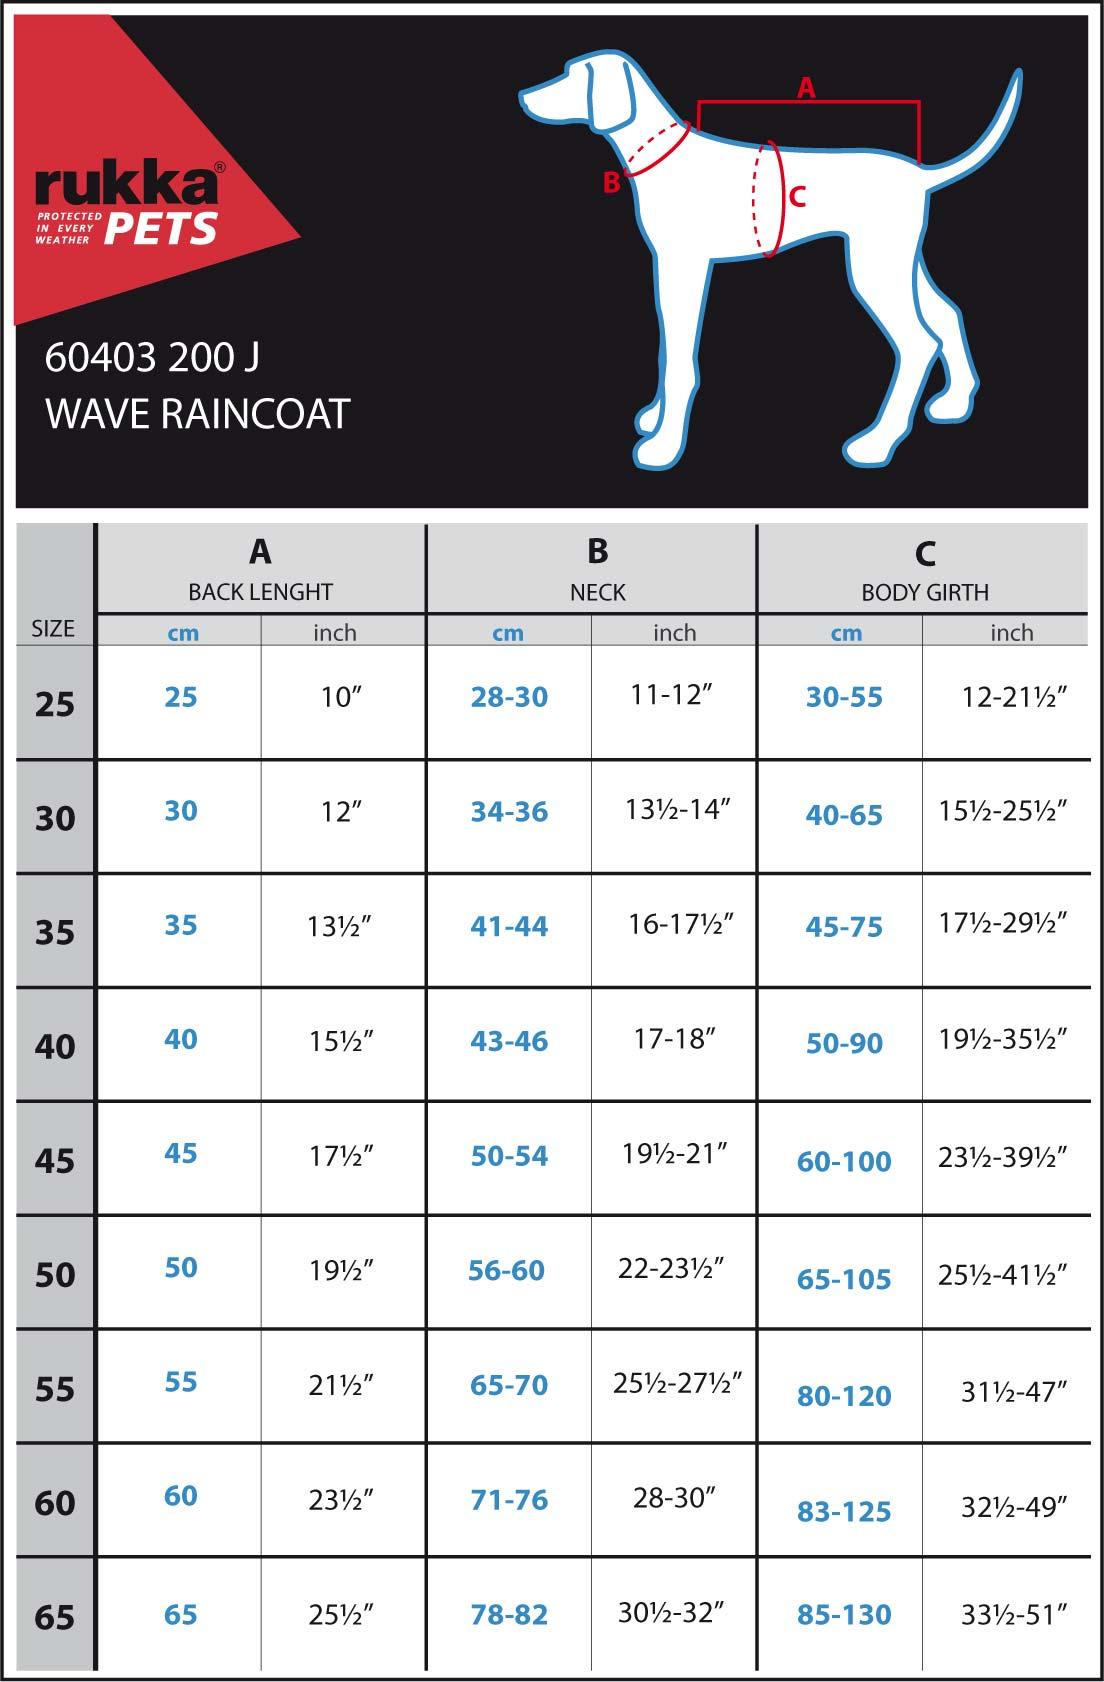 60403-200-J-WAVE-RAINCOAT